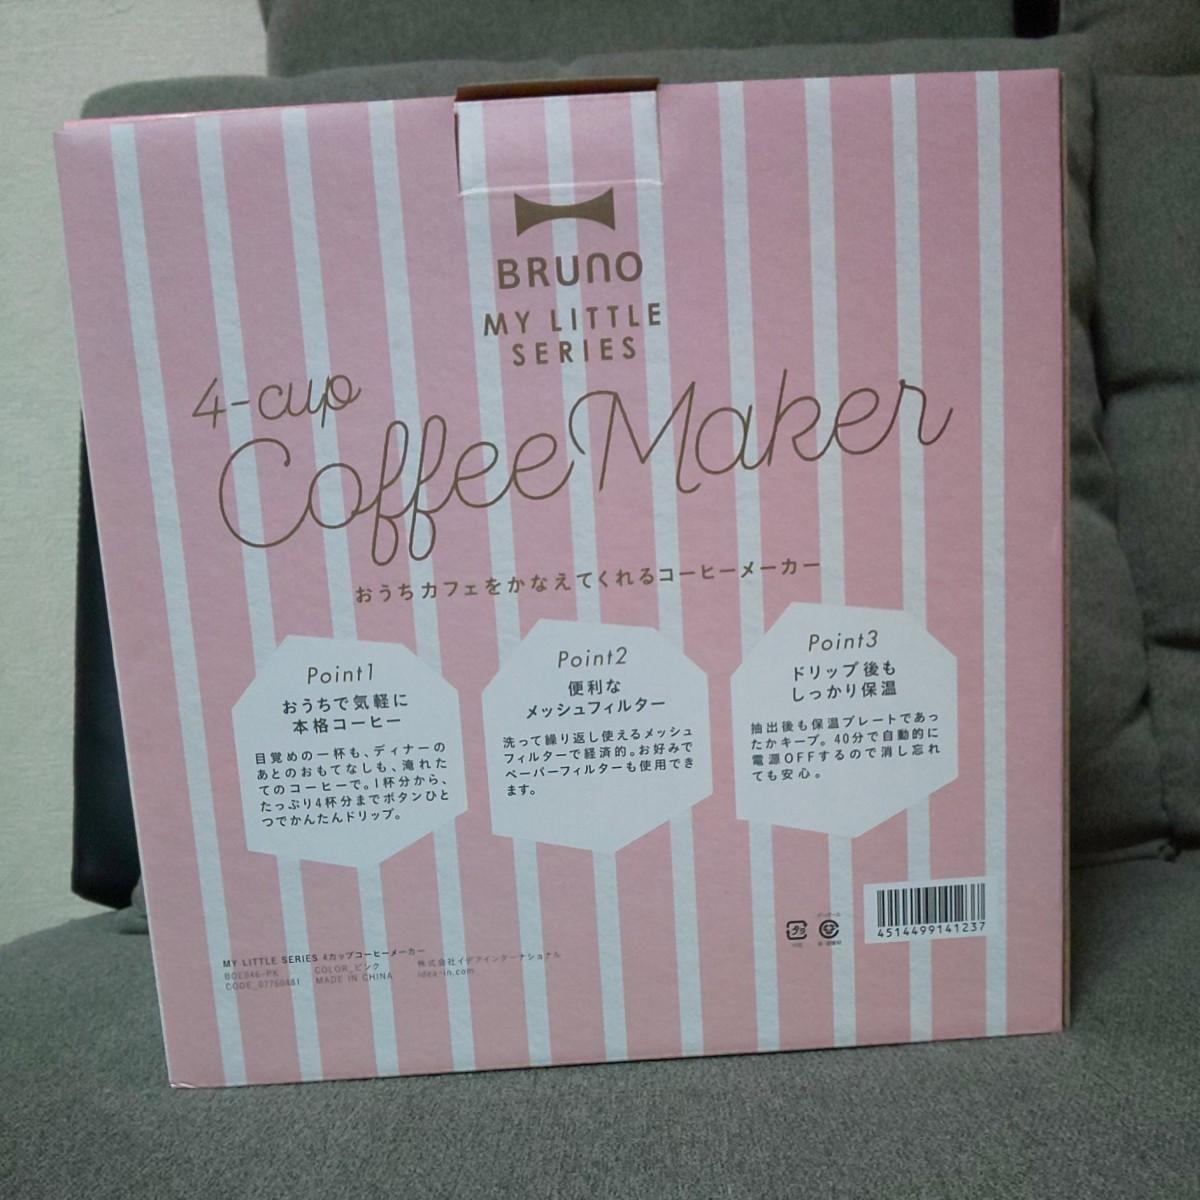 ブルーノコーヒーメーカー